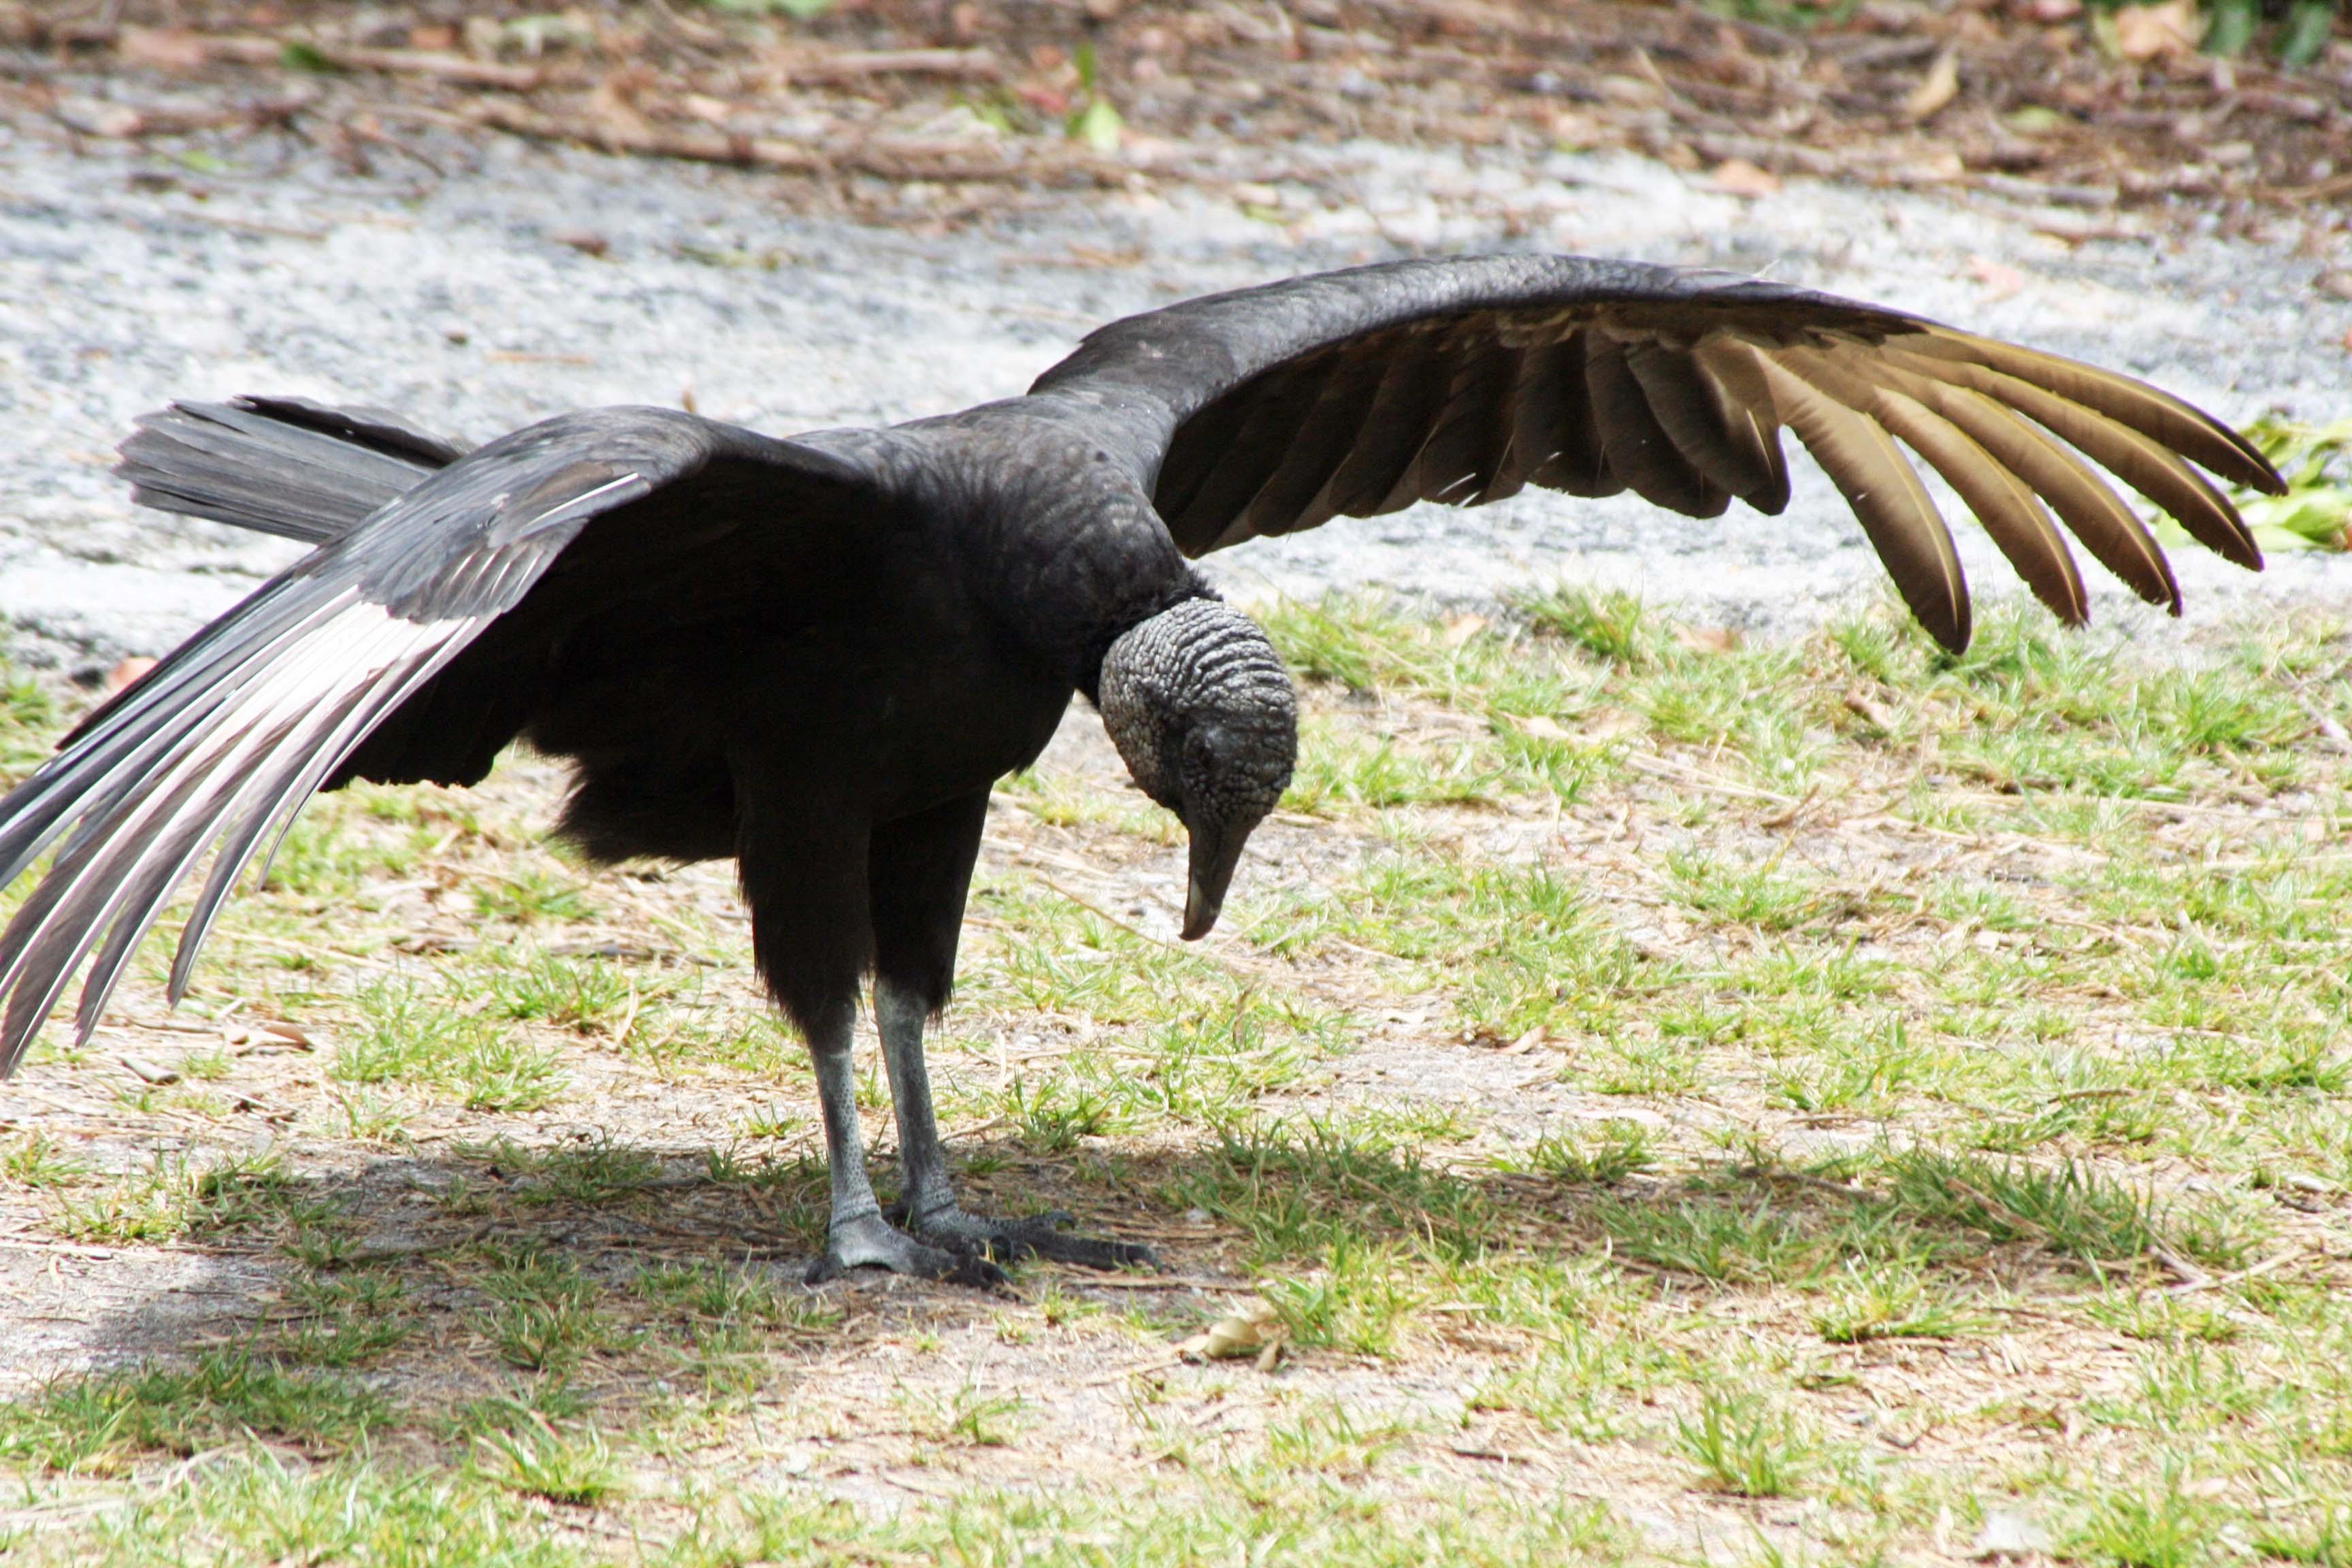 Florida Everglades Black Buzzard take a bow. Photo by Curtis Mekemson.